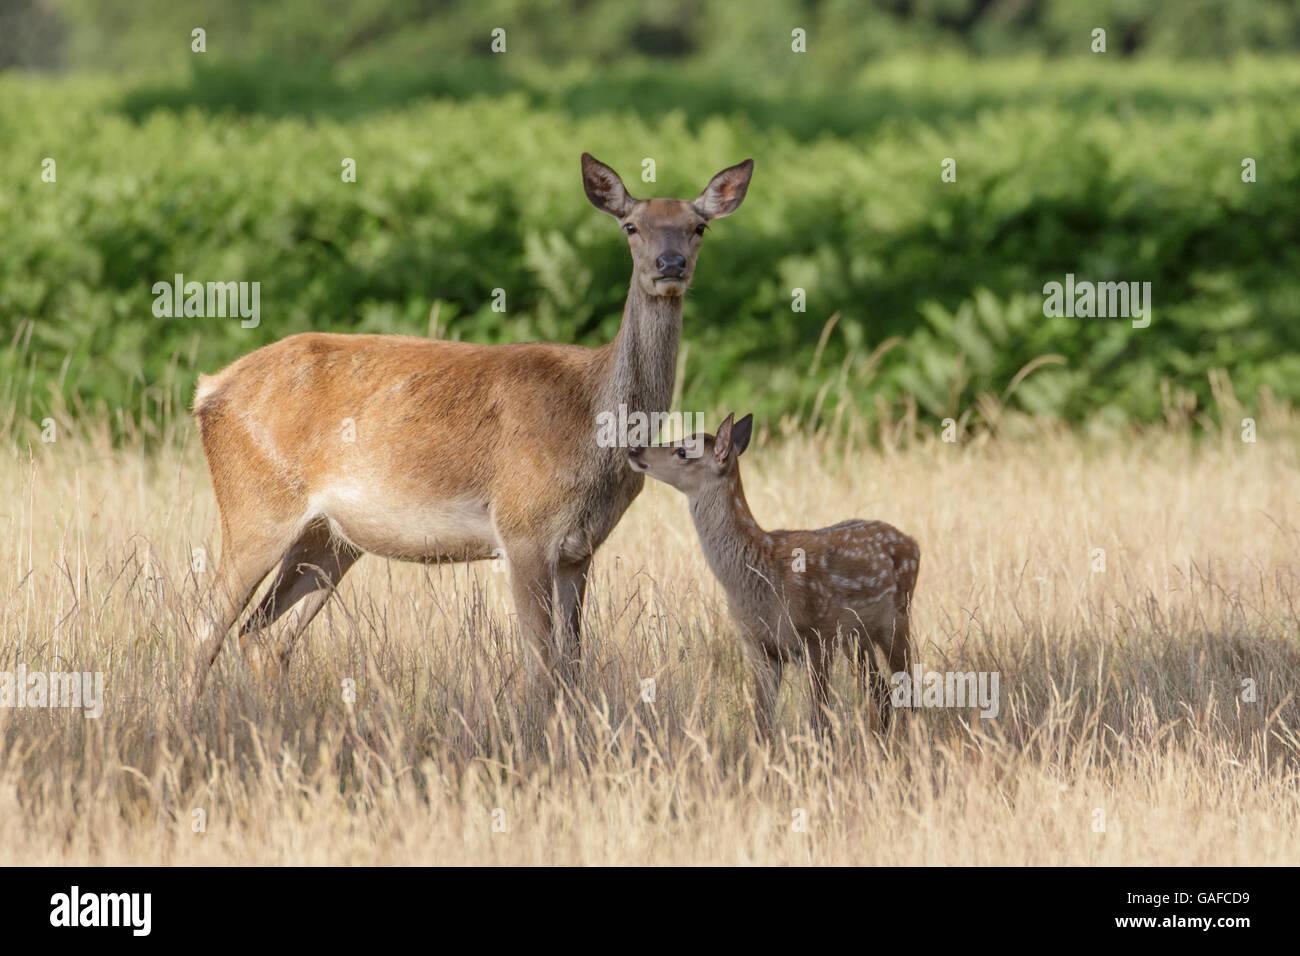 Ciervo rojo (Cervus elaphus) hembra y joven madre hind mamá bebé ternero mantener juntos. Imagen De Stock